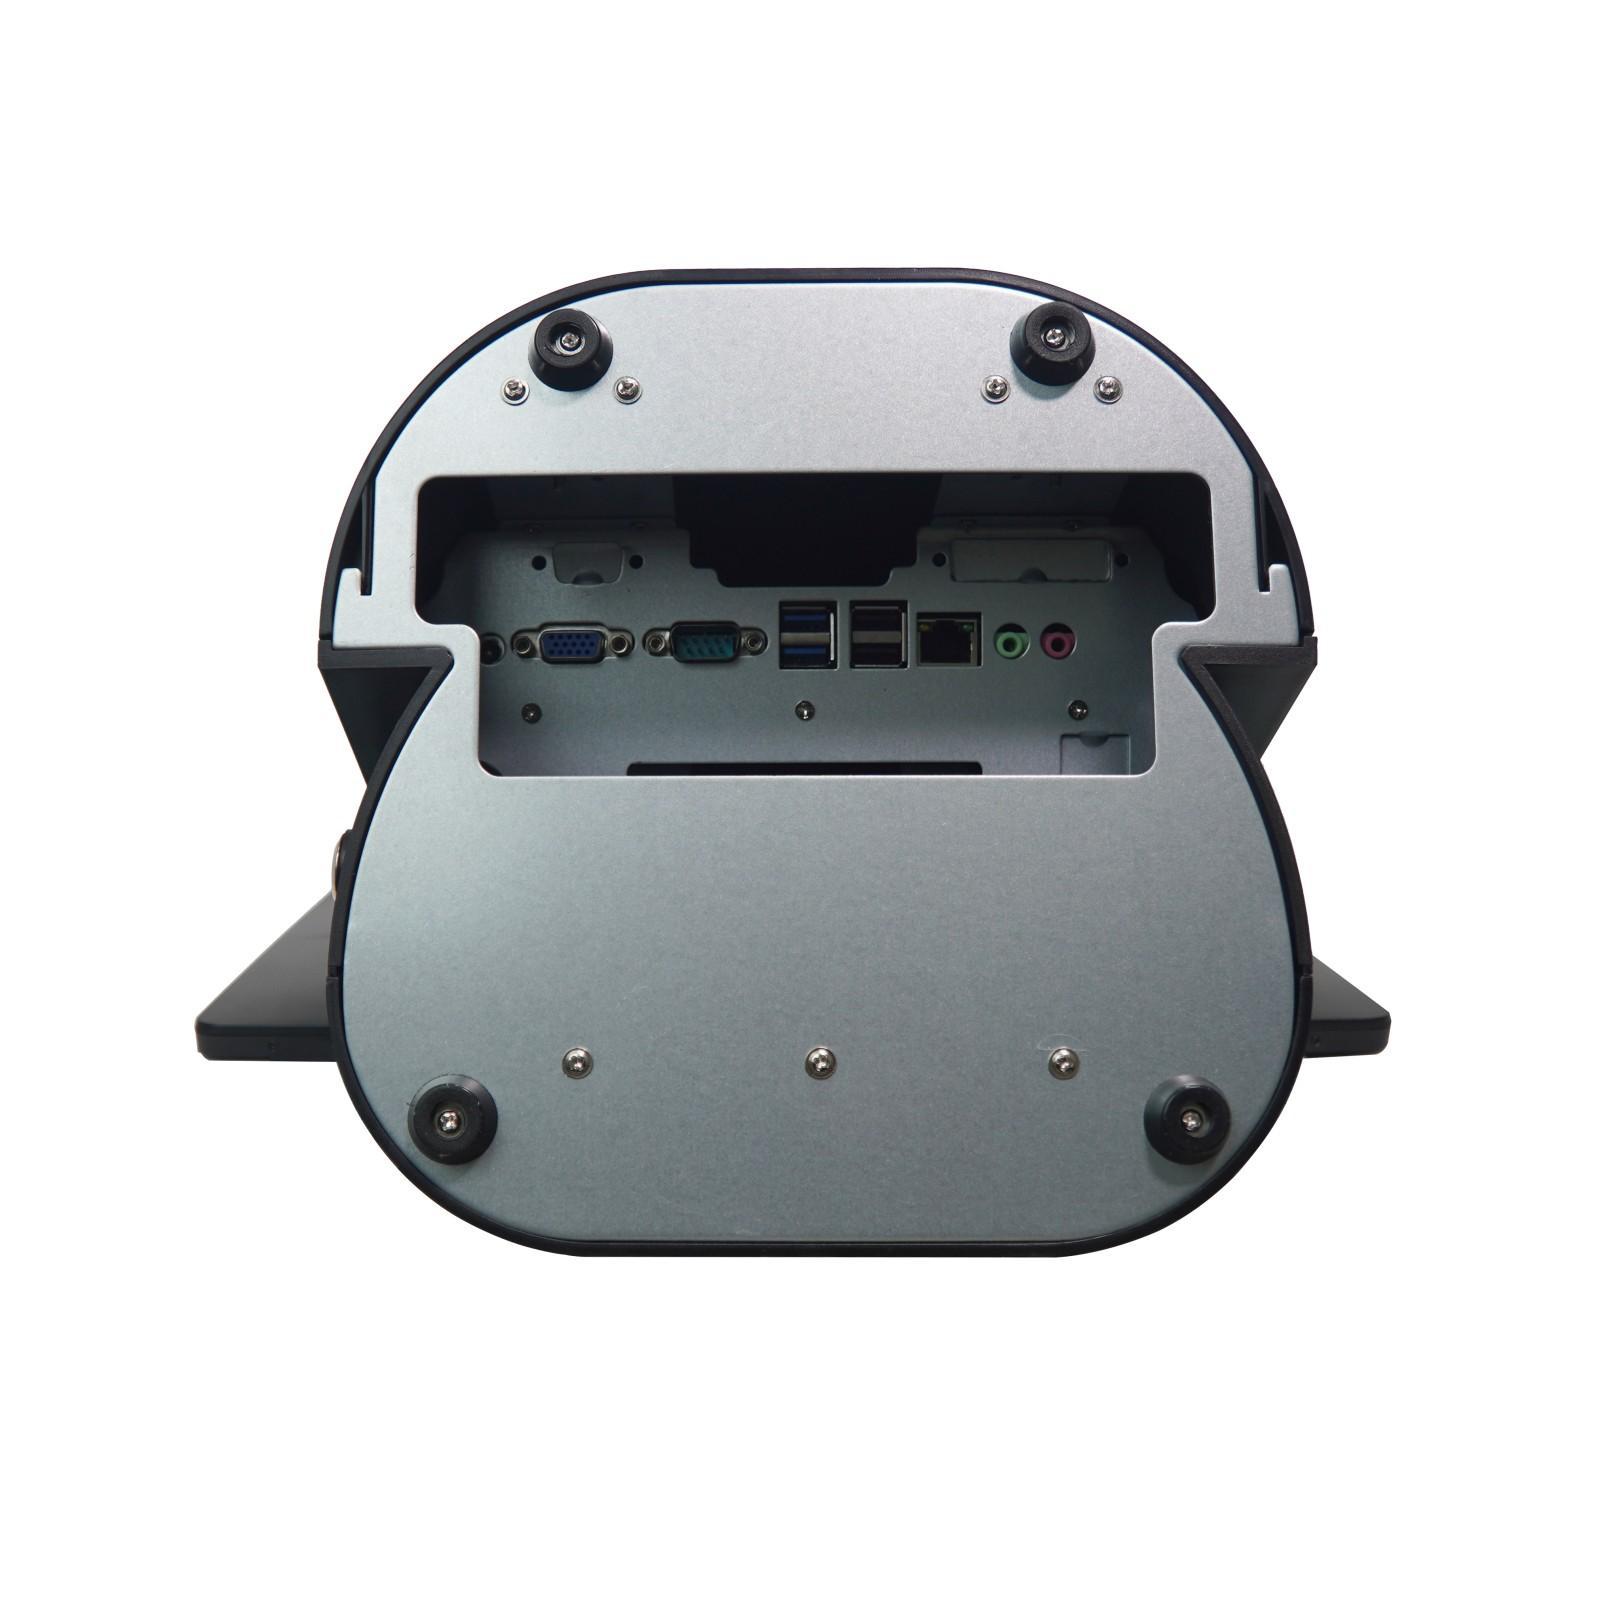 Máy tính tiền POS Teki P10 (1 màn hình+hiển thị giá 8 led) Hàng chính hãng